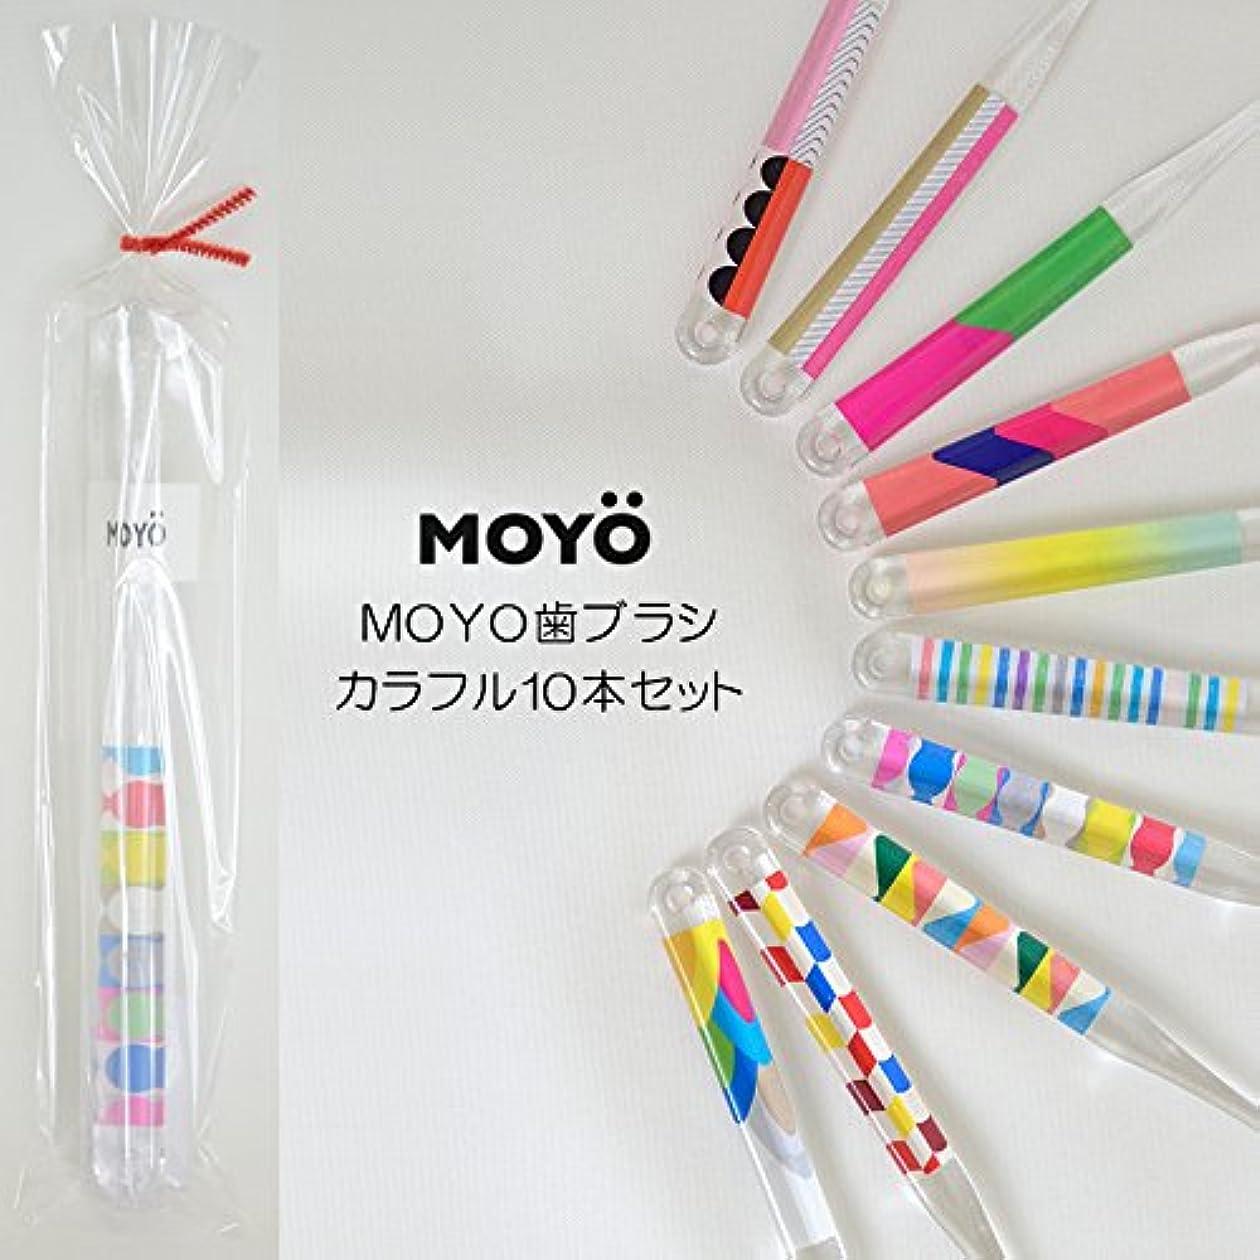 トーンラップ保有者MOYO モヨウ カラフル10本 プチ ギフト セット_562302-colorful 【F】,カラフル10本セット